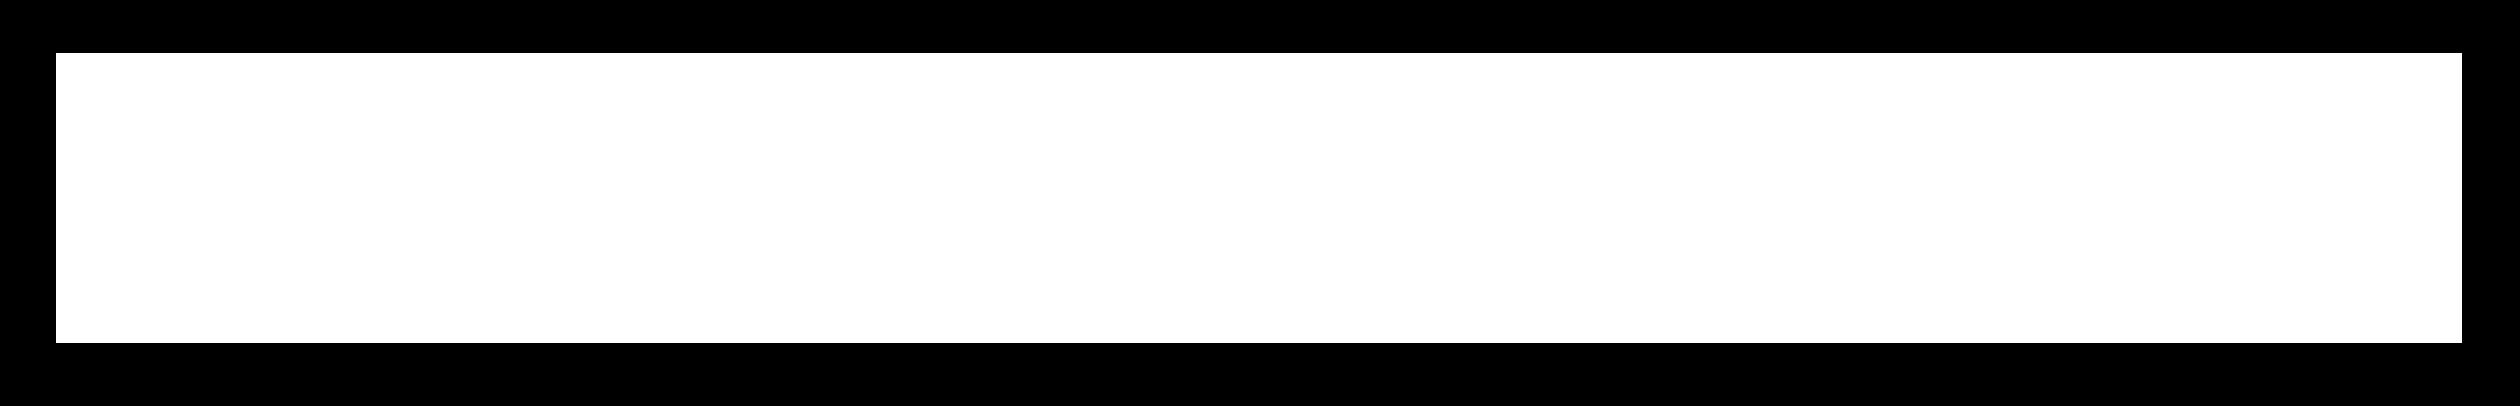 brk_logo2